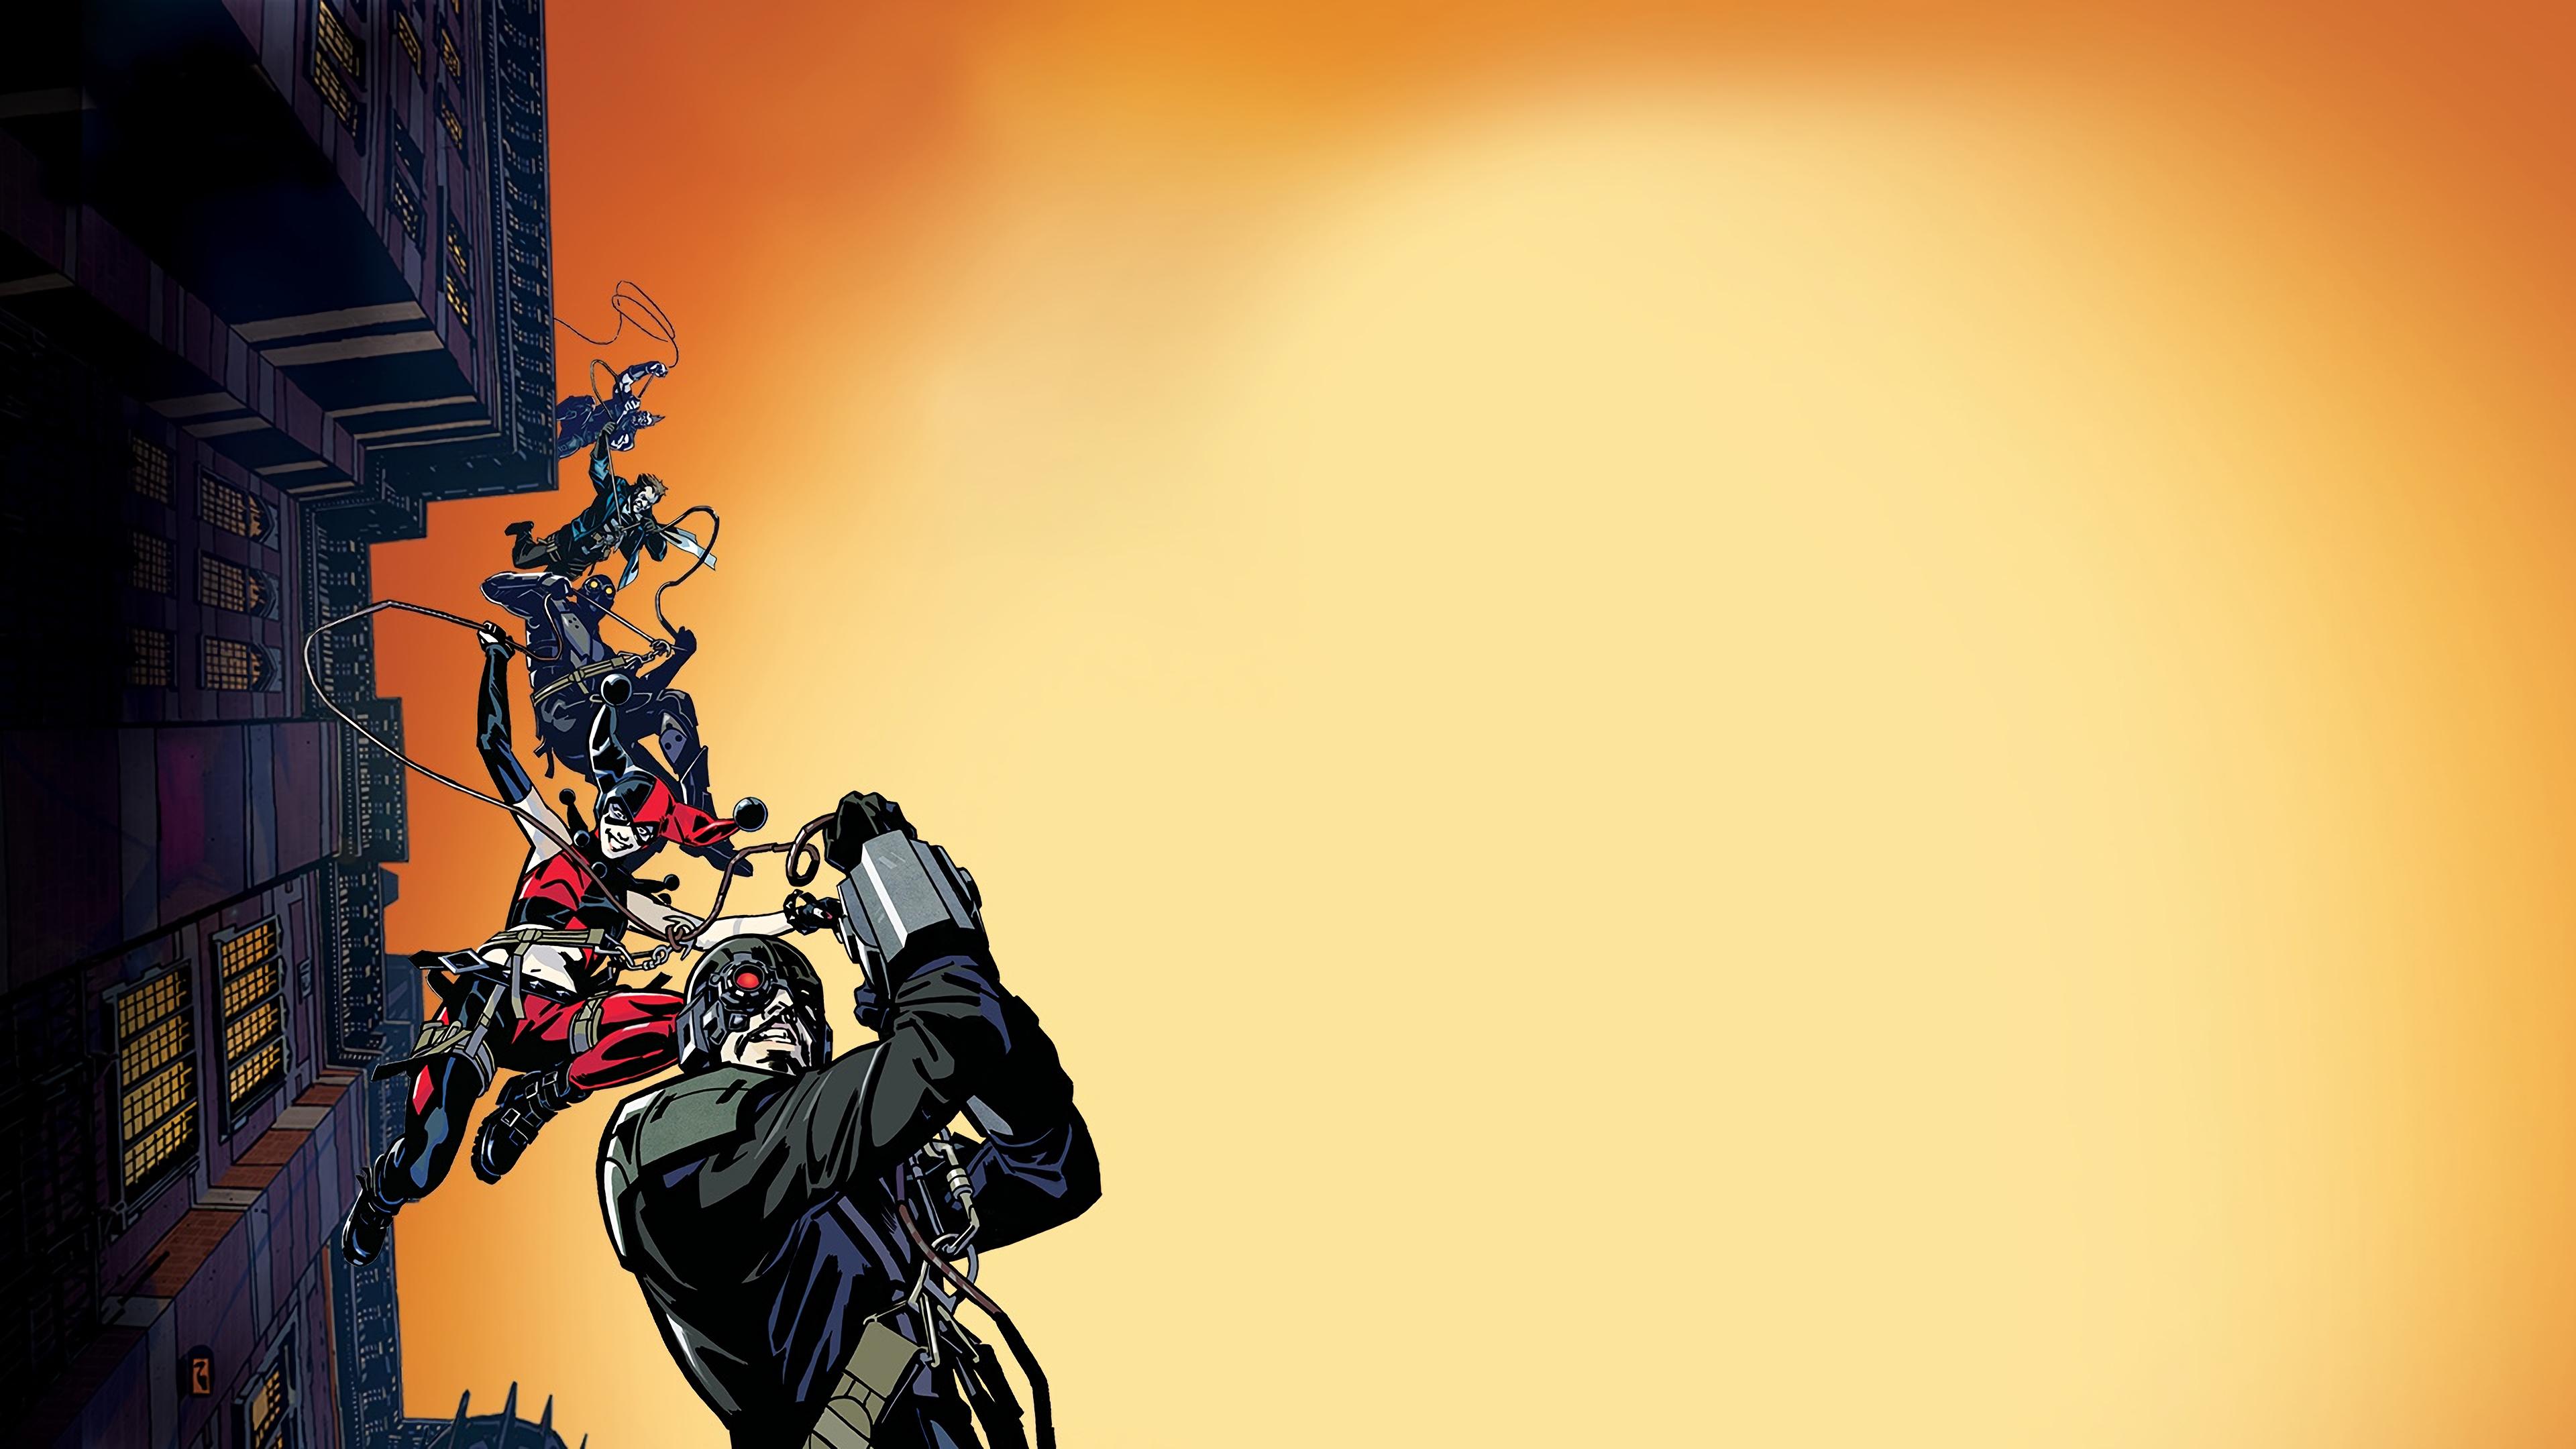 batman assault on arkham 1569186535 - Batman Assault On Arkham - superheroes wallpapers, movies wallpapers, joker wallpapers, hd-wallpapers, harley quinn wallpapers, batman assault on arkham wallpapers, animated movies wallpapers, 4k-wallpapers